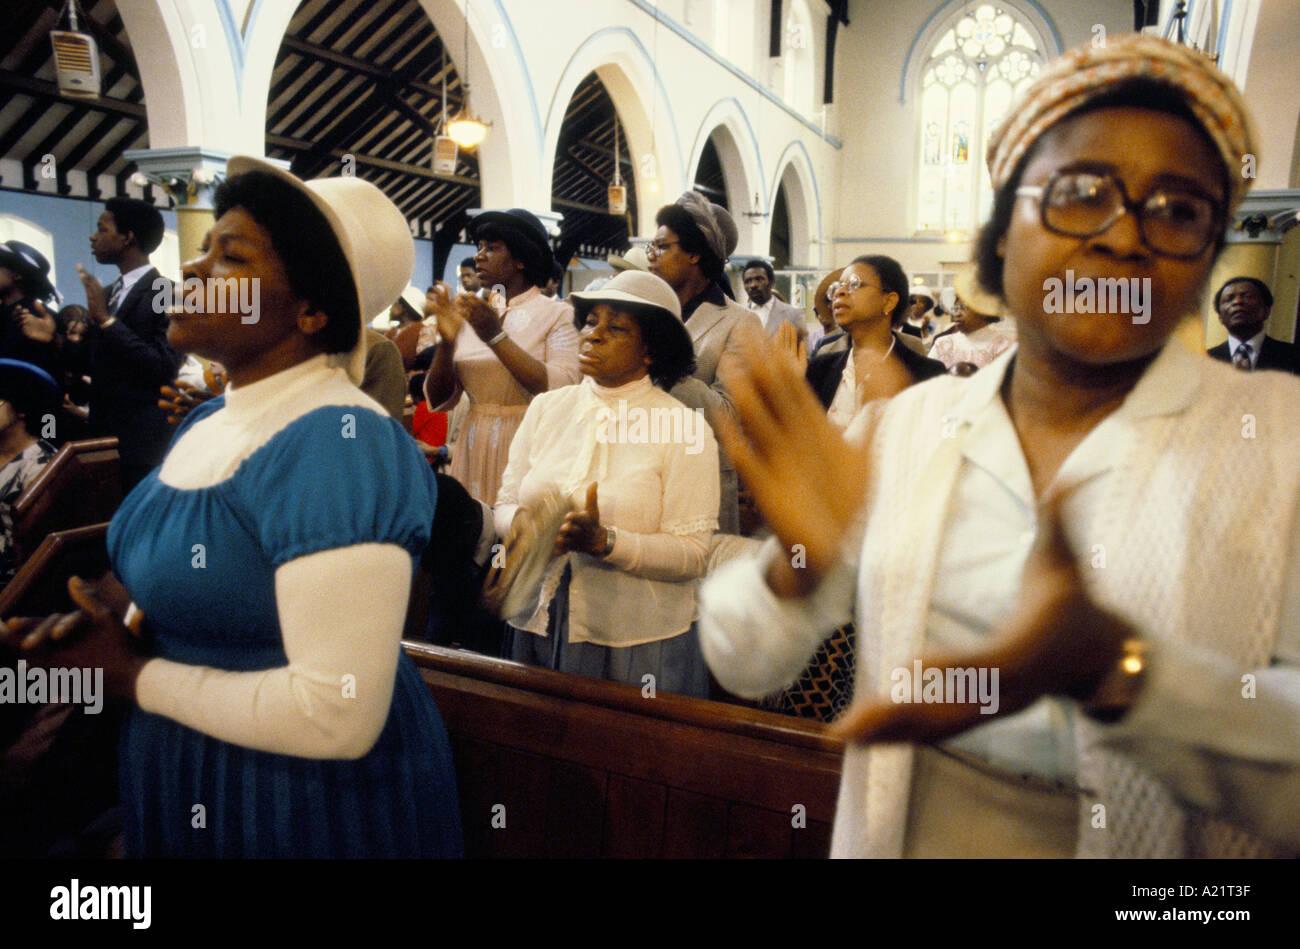 Pentecostal Stock Photos & Pentecostal Stock Images - Alamy